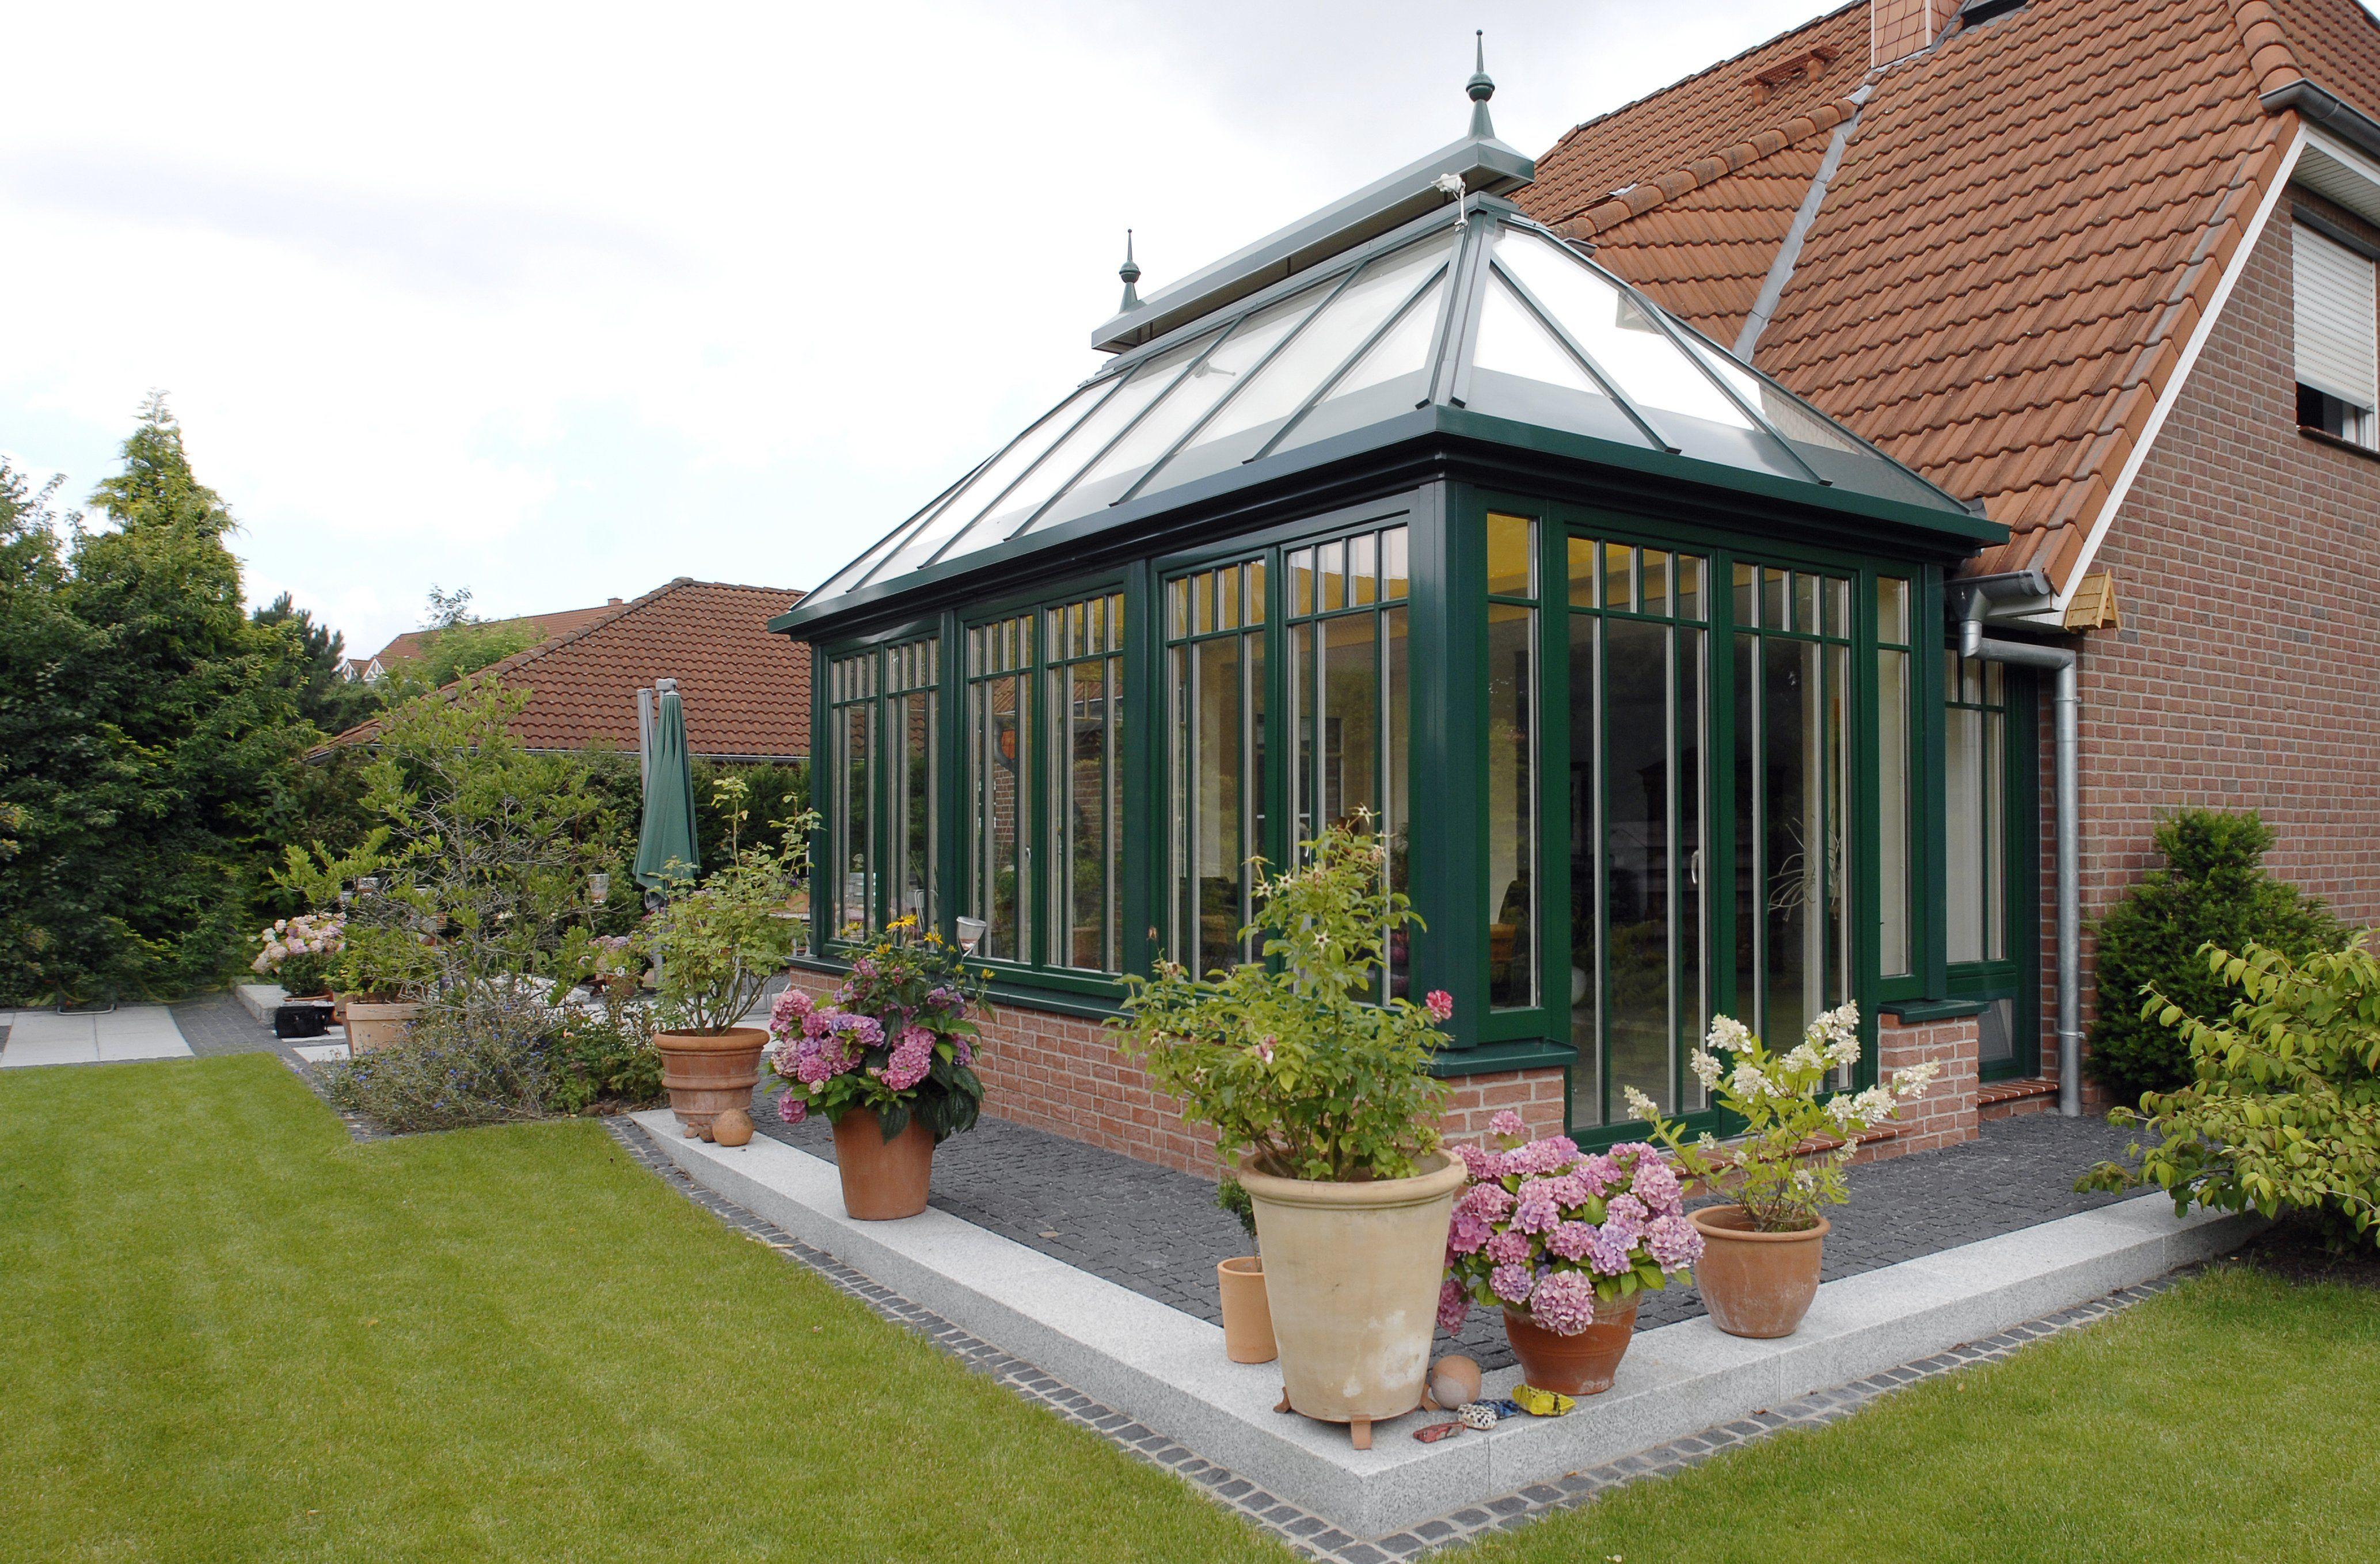 Englische Wintergärten wintergarten wg 0225 klassischer englischer wintergarten in grün